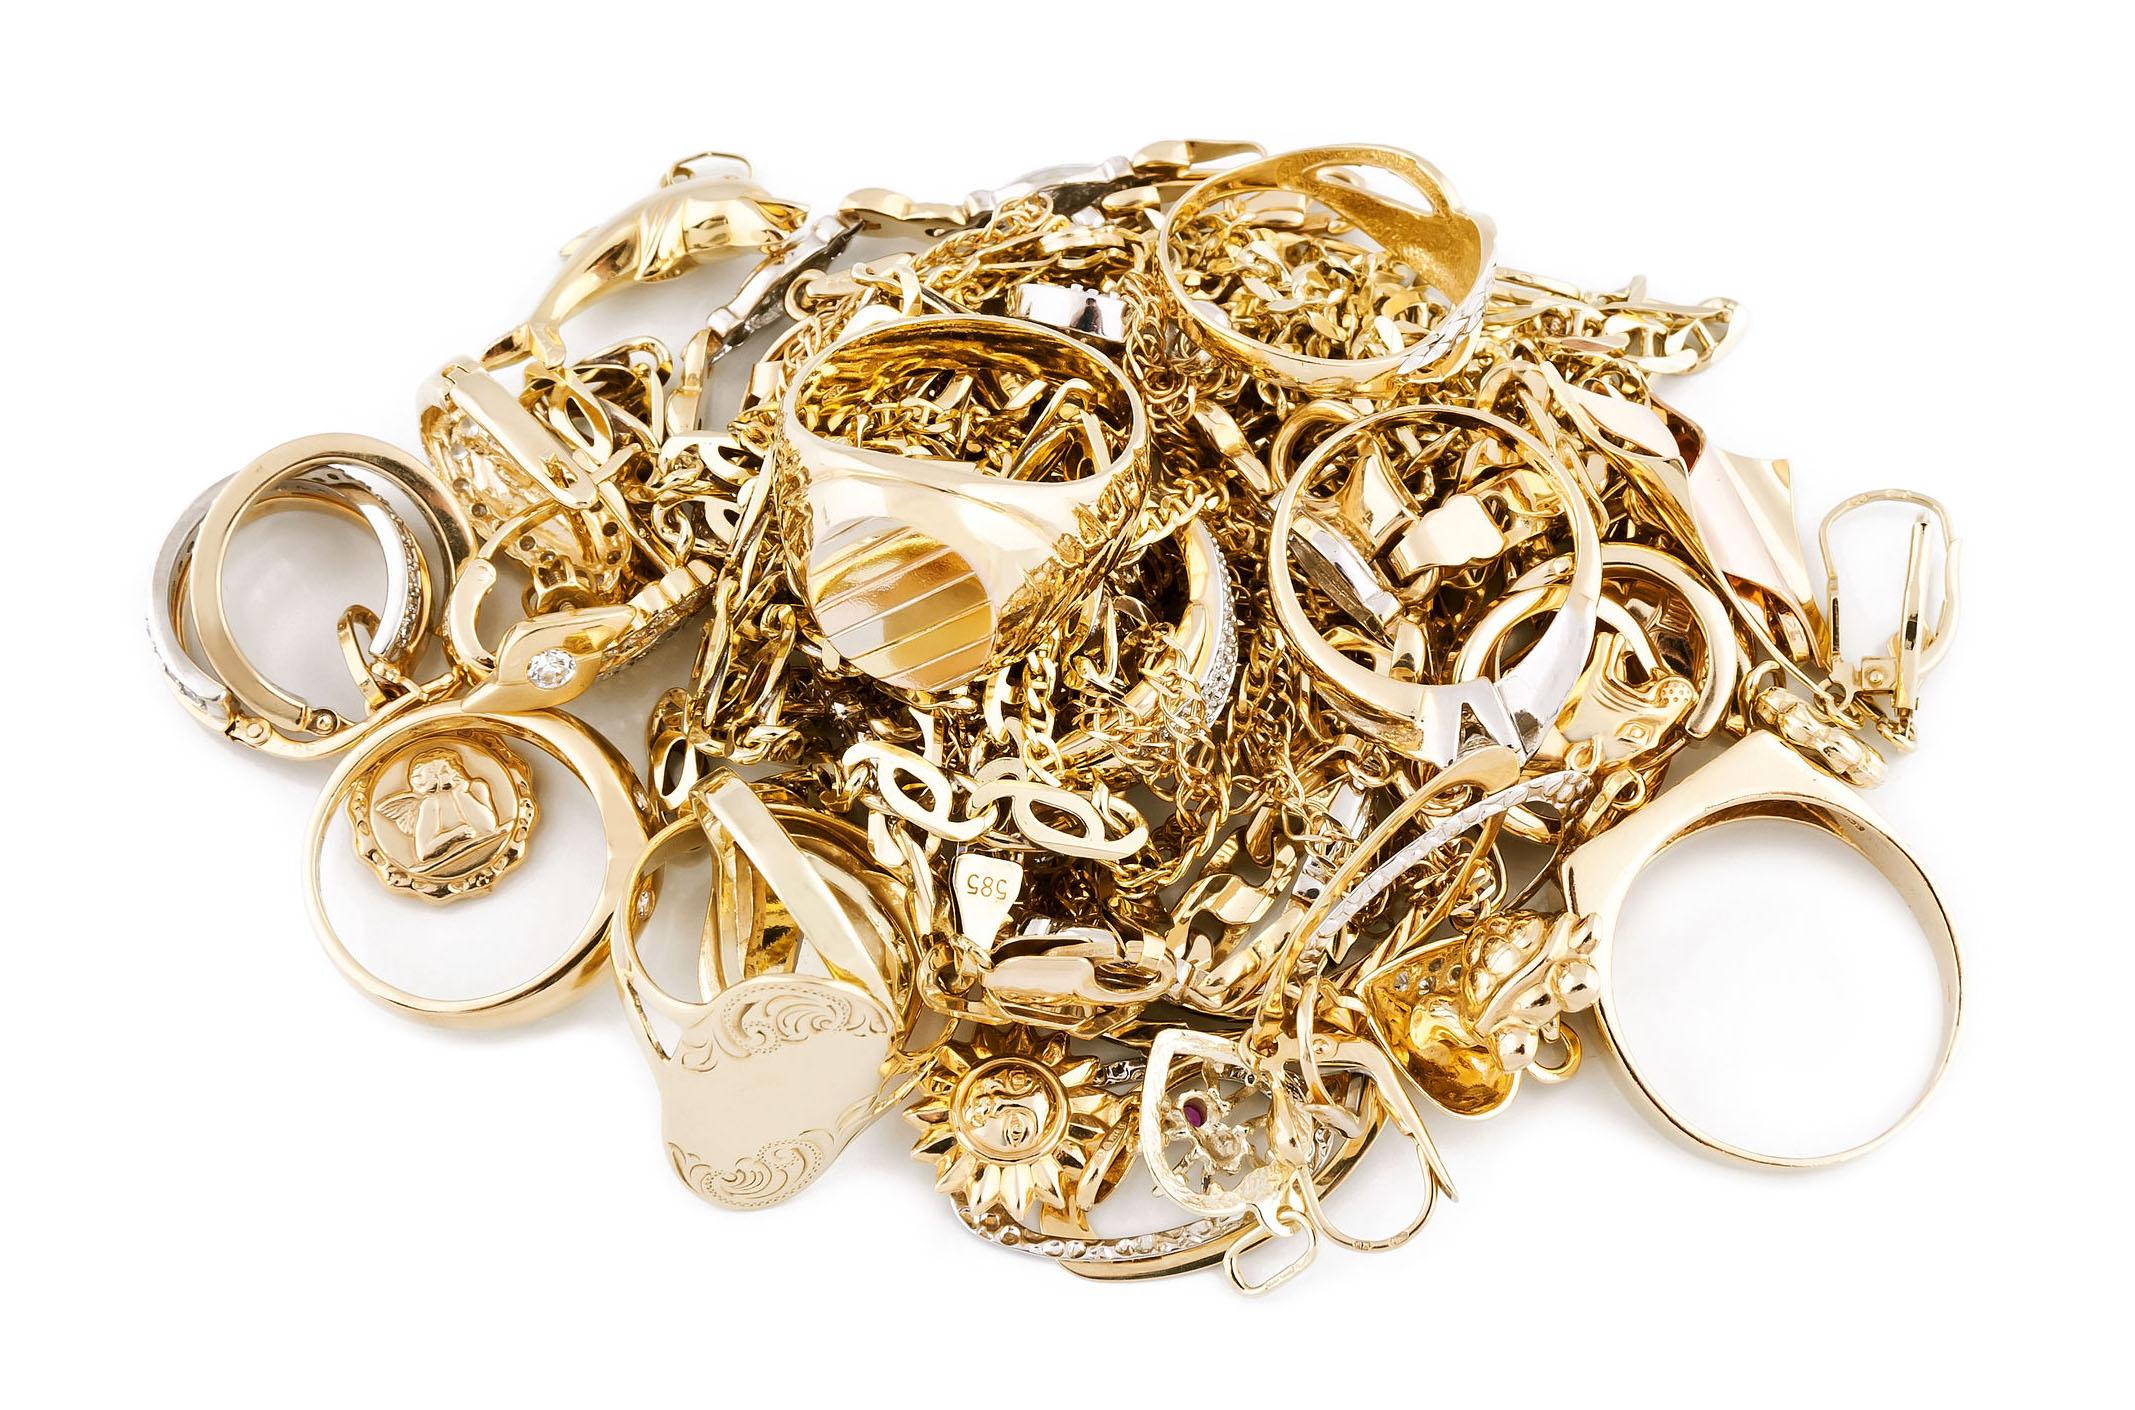 Altgold-Ankauf, Goldankauf, Zahngold, Weissgold, vergoldeter Schmuck, Goldschmuck, antikes Gold, NRW, Moers, Krefeld, Kamp-Lintfort, Essen, Bochum, Bares Rares, Luxus